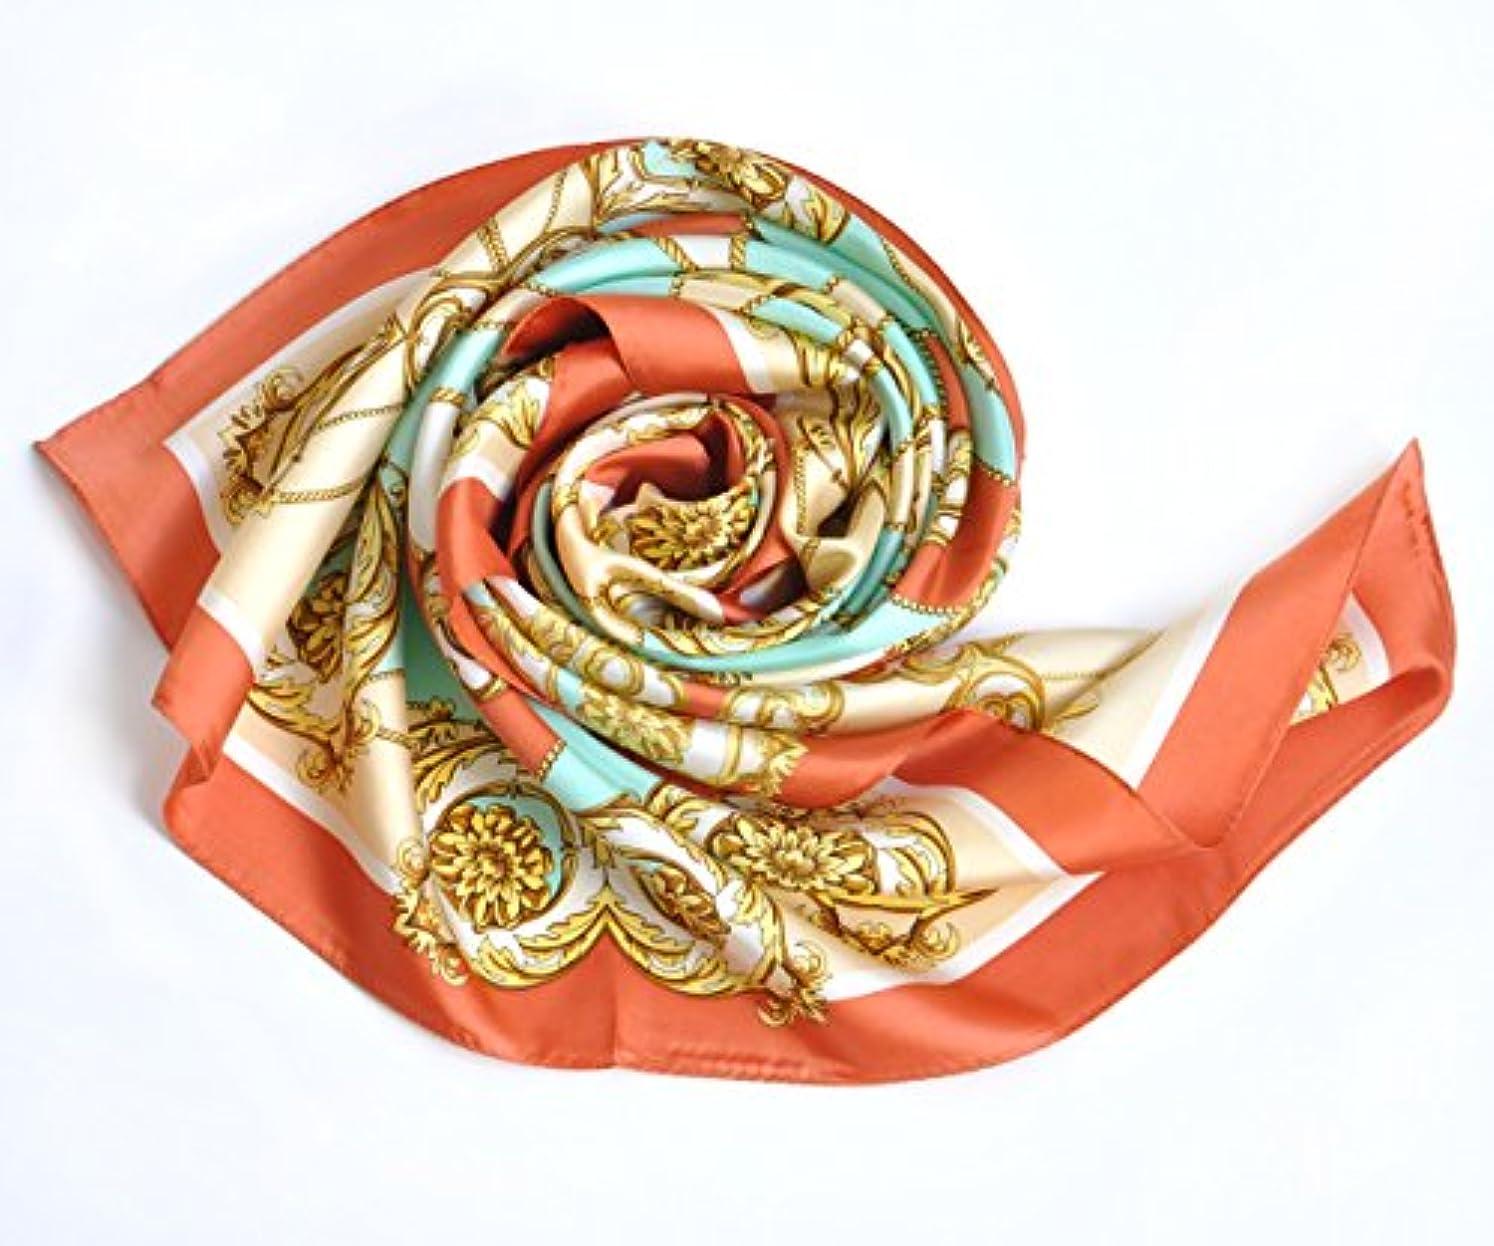 ダーツレギュラー本.Y 横浜 スカーフ シルク スカーフ 正方形 スカーフ 母の日 シルクツイル カルティエ